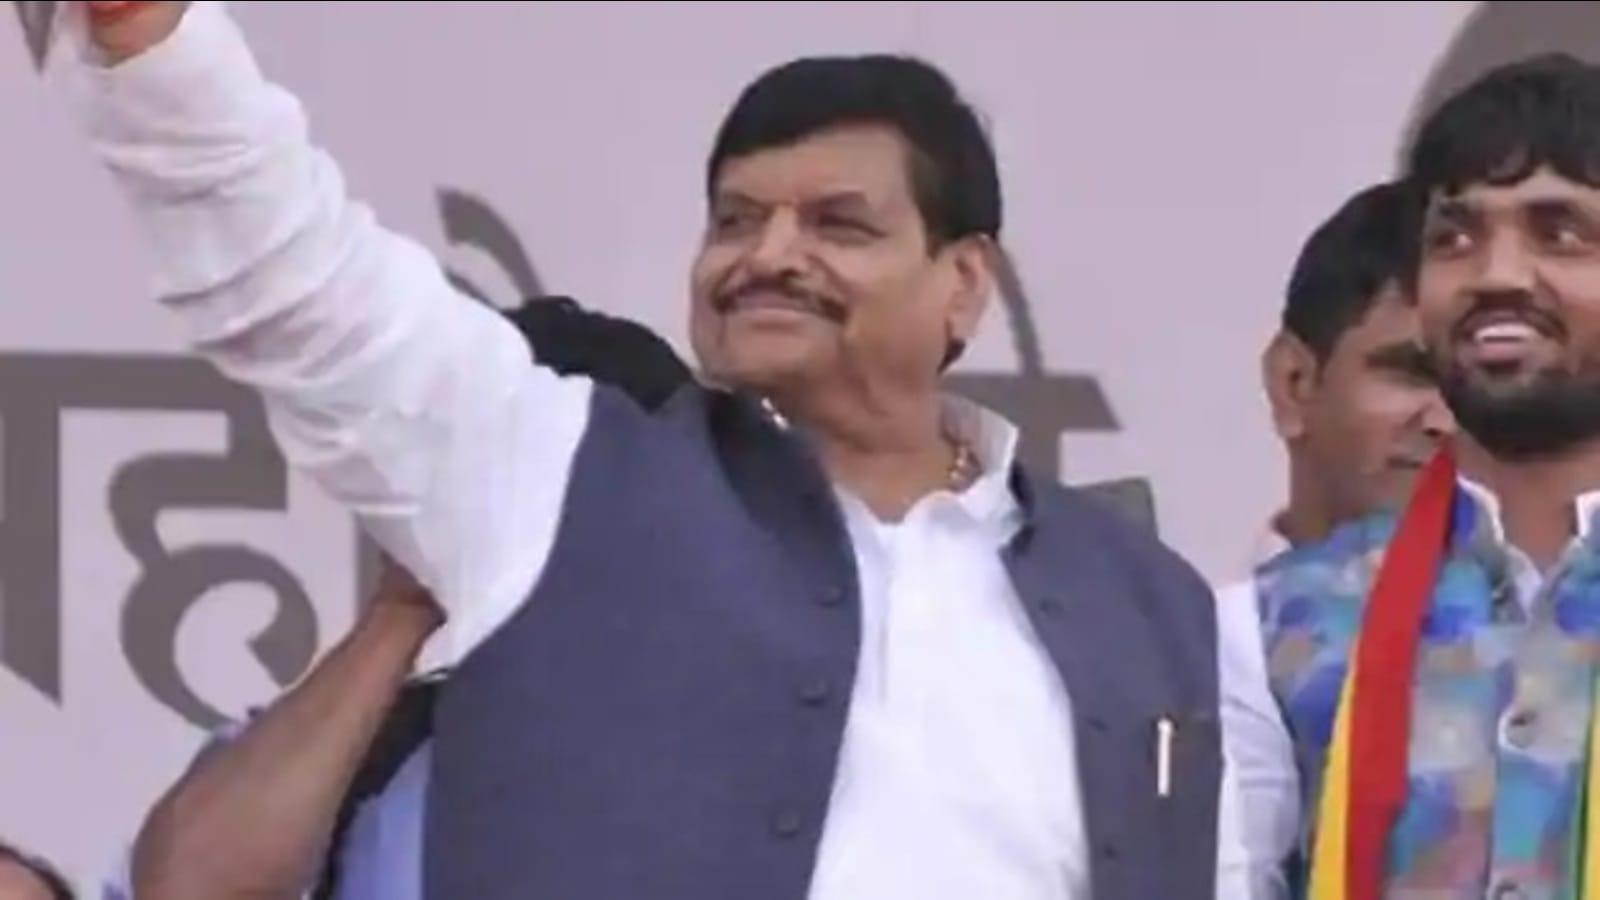 Shivpal Yadav begins 'samajik parivartan yatra' from Mathura